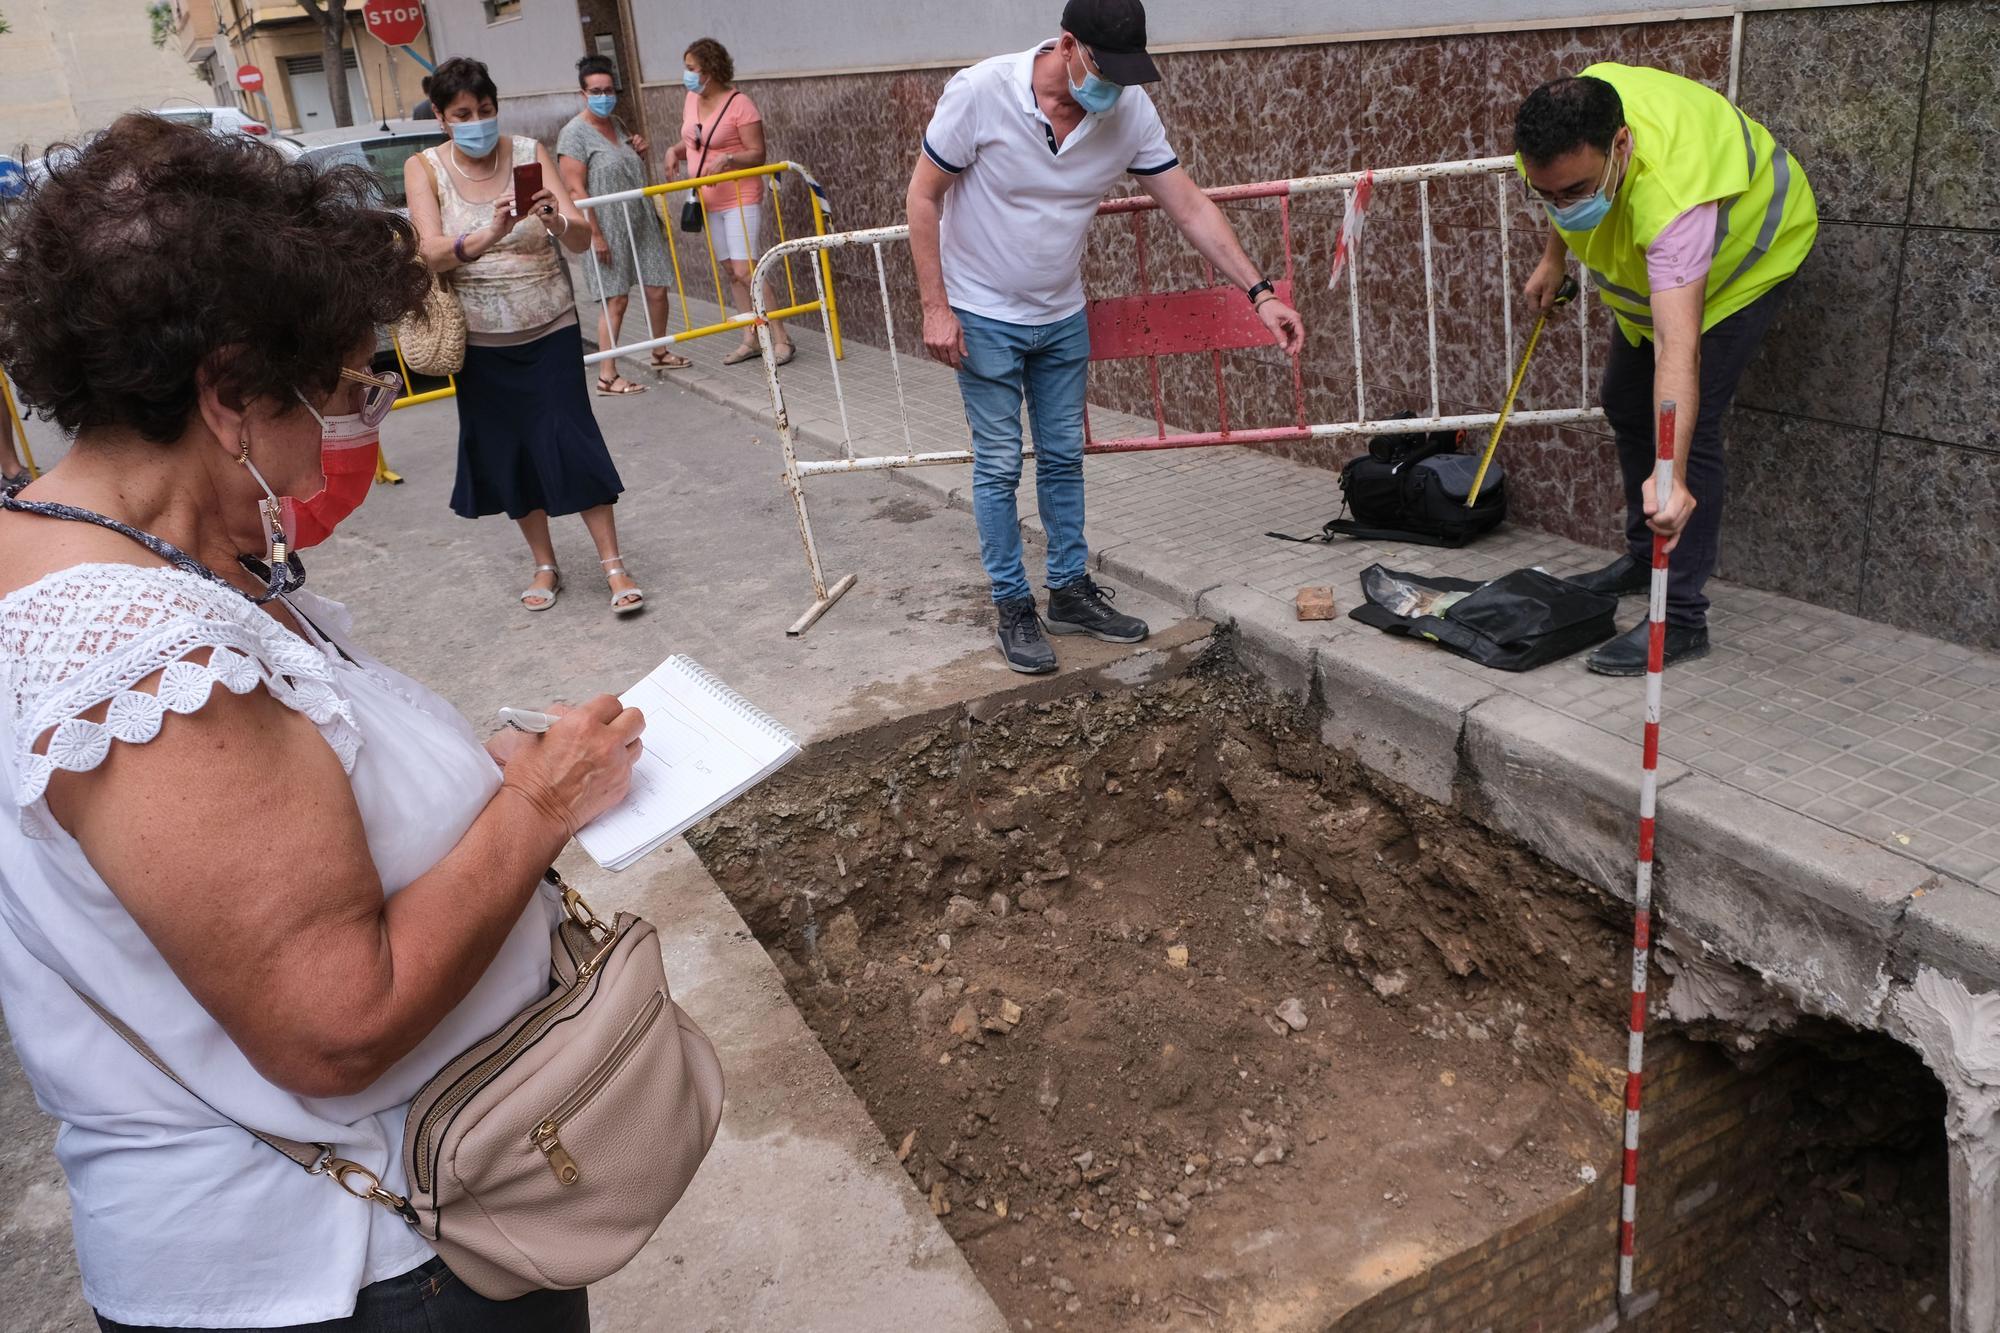 Descubren una entrada desconocida en el mayor refugio antiaéreo de Novelda